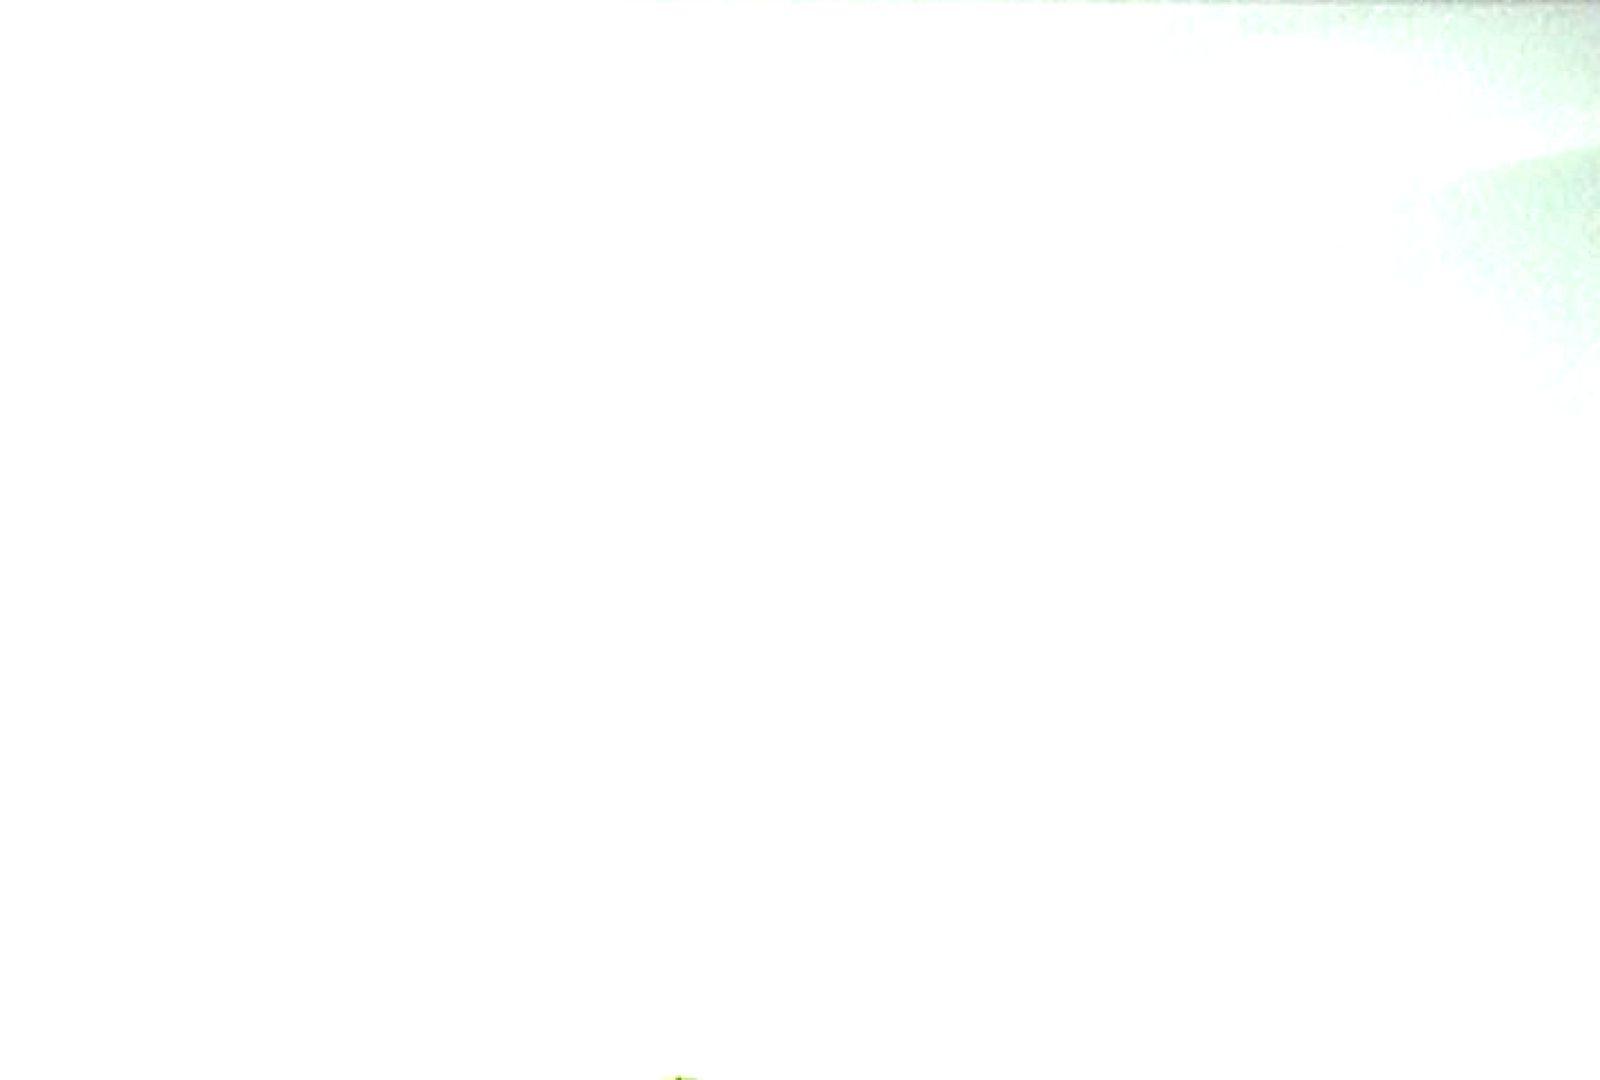 充血監督の深夜の運動会Vol.62 カーセックス  106枚 31